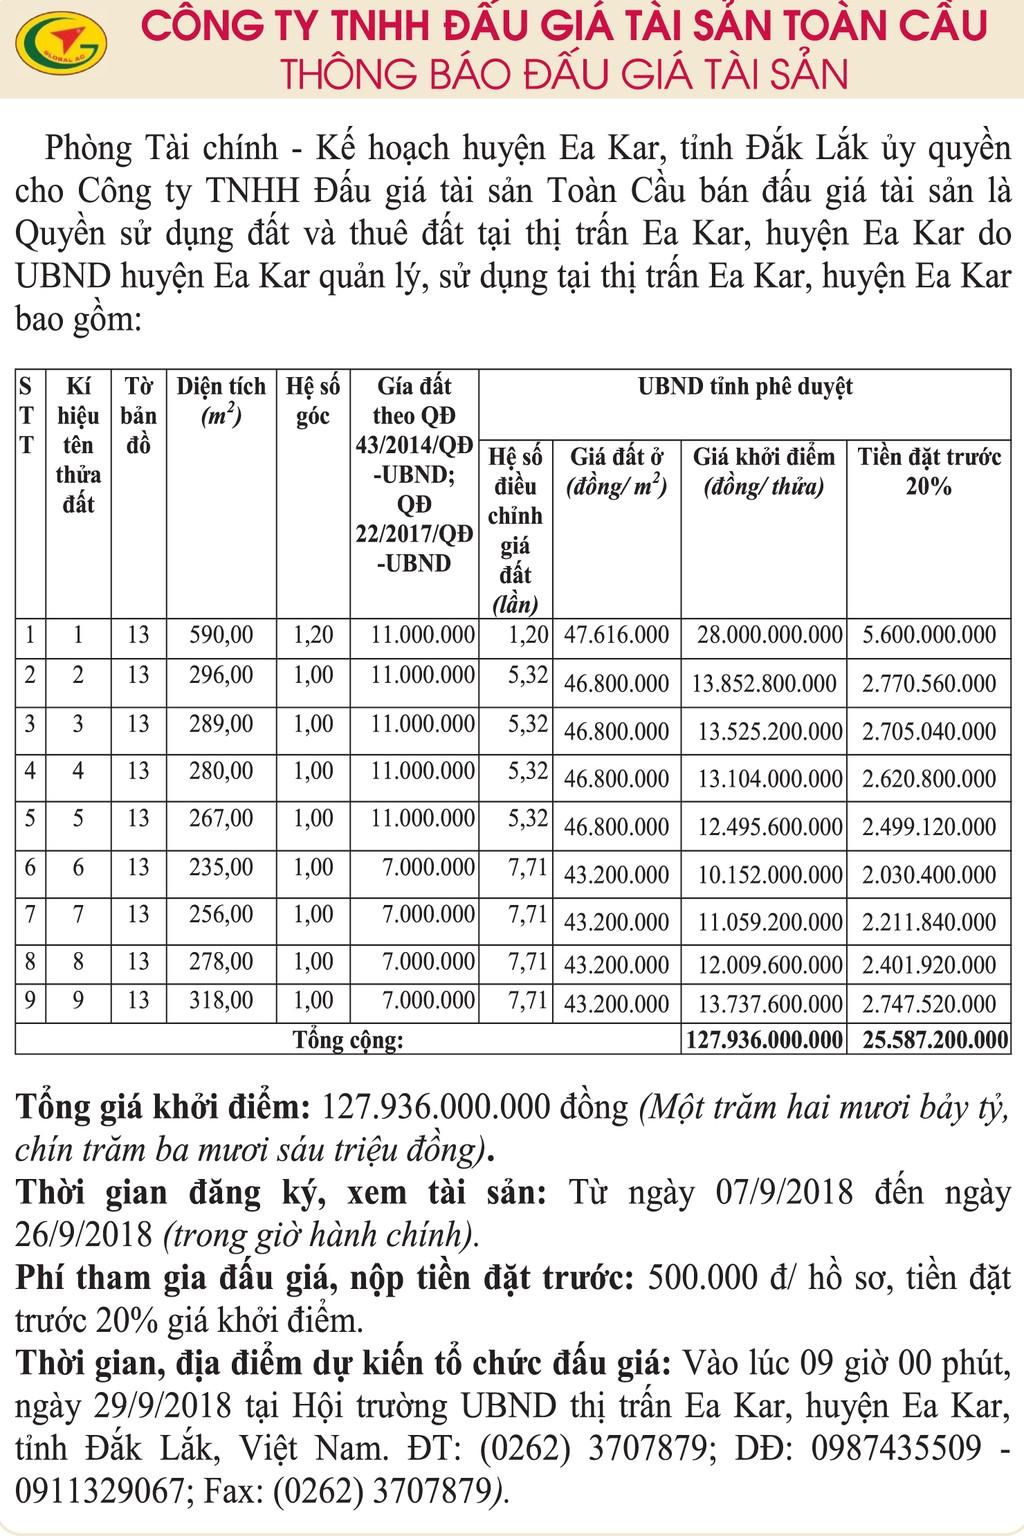 Ngày 29/9/2018, đấu giá quyền sử dụng đất và thuê đất tại huyện Ea Kar, Đắk Lắk - ảnh 1